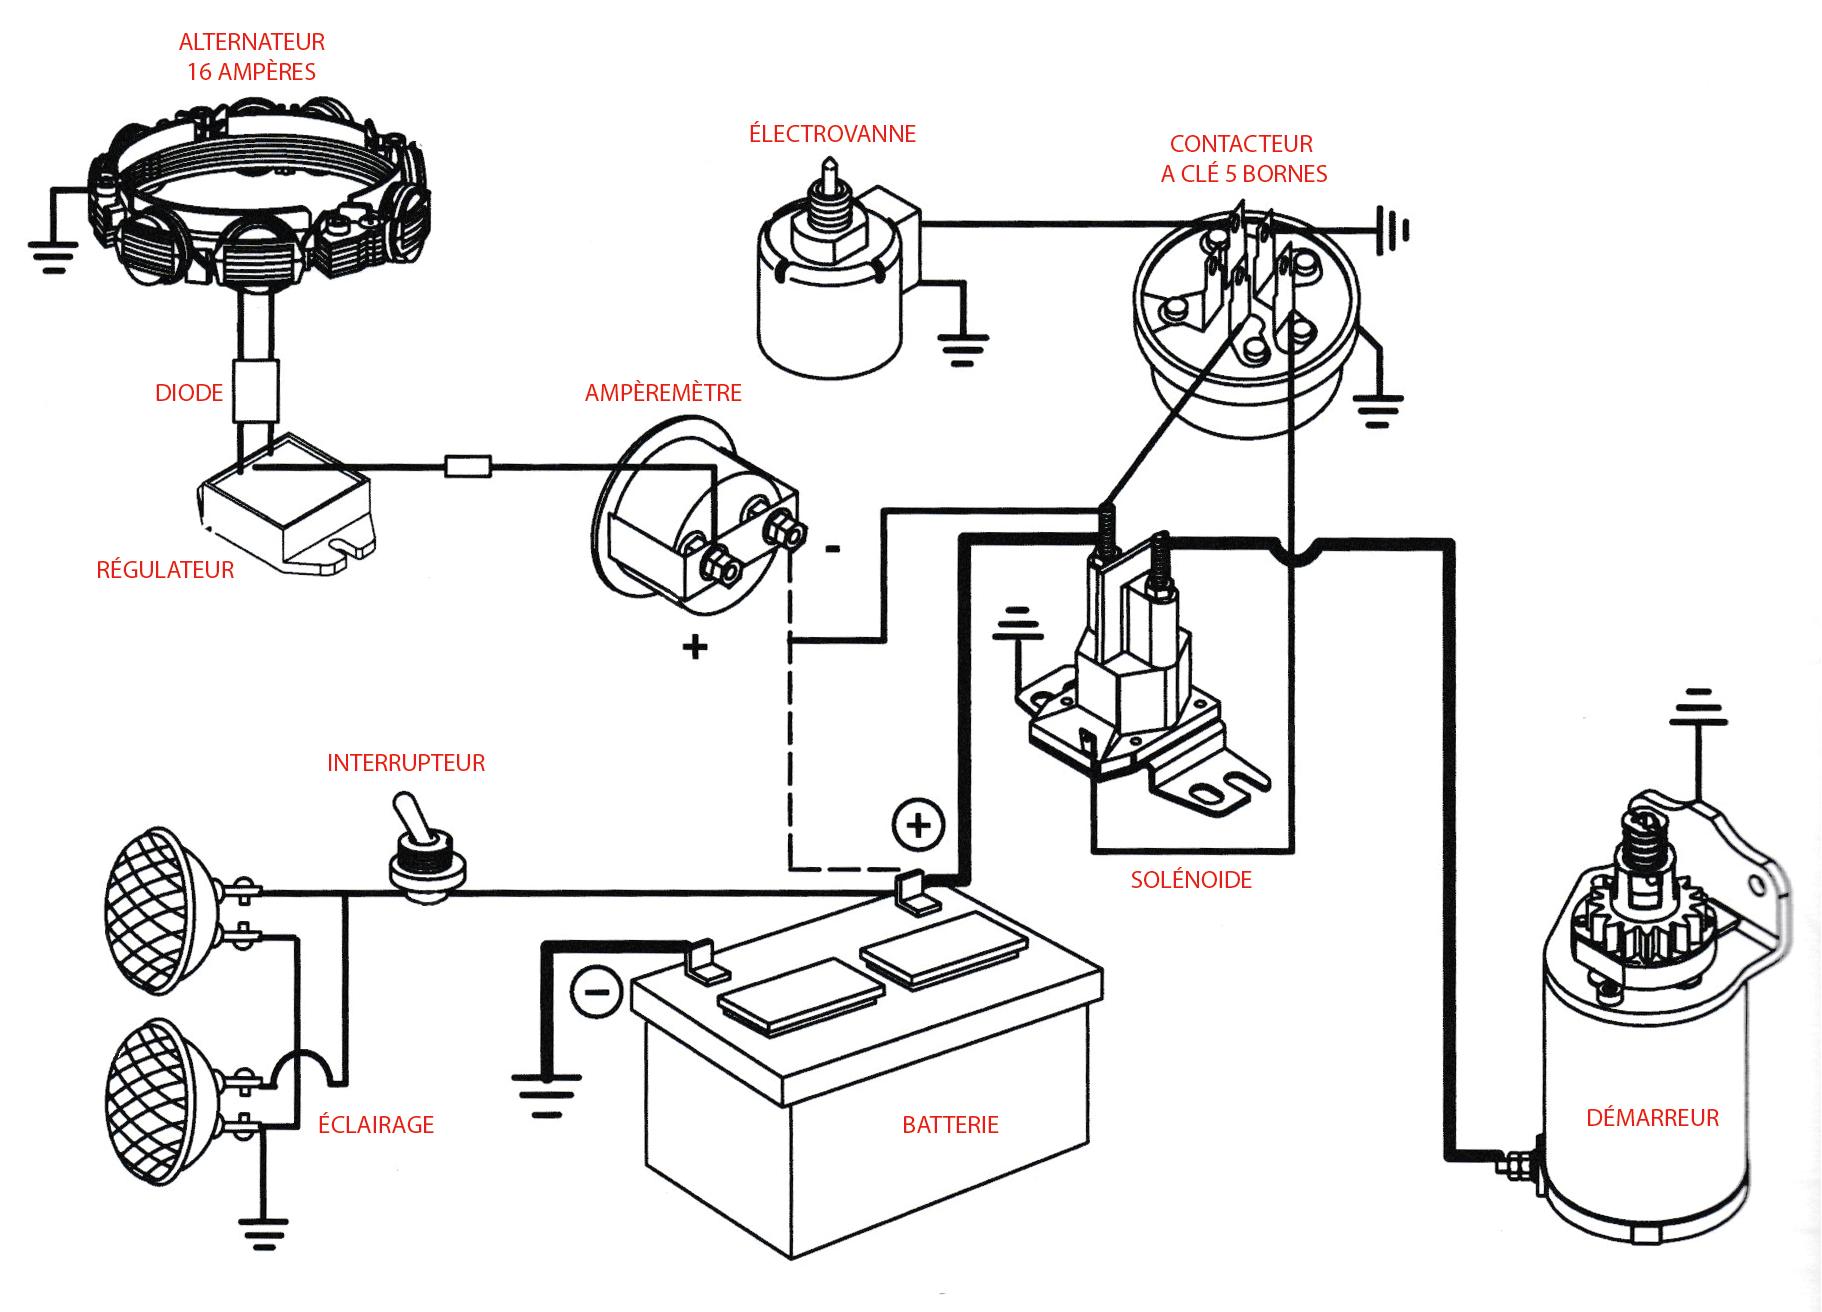 Schéma électrique avec Alternateur 16 Ampères et Contacteur à Clé 5 Bornes